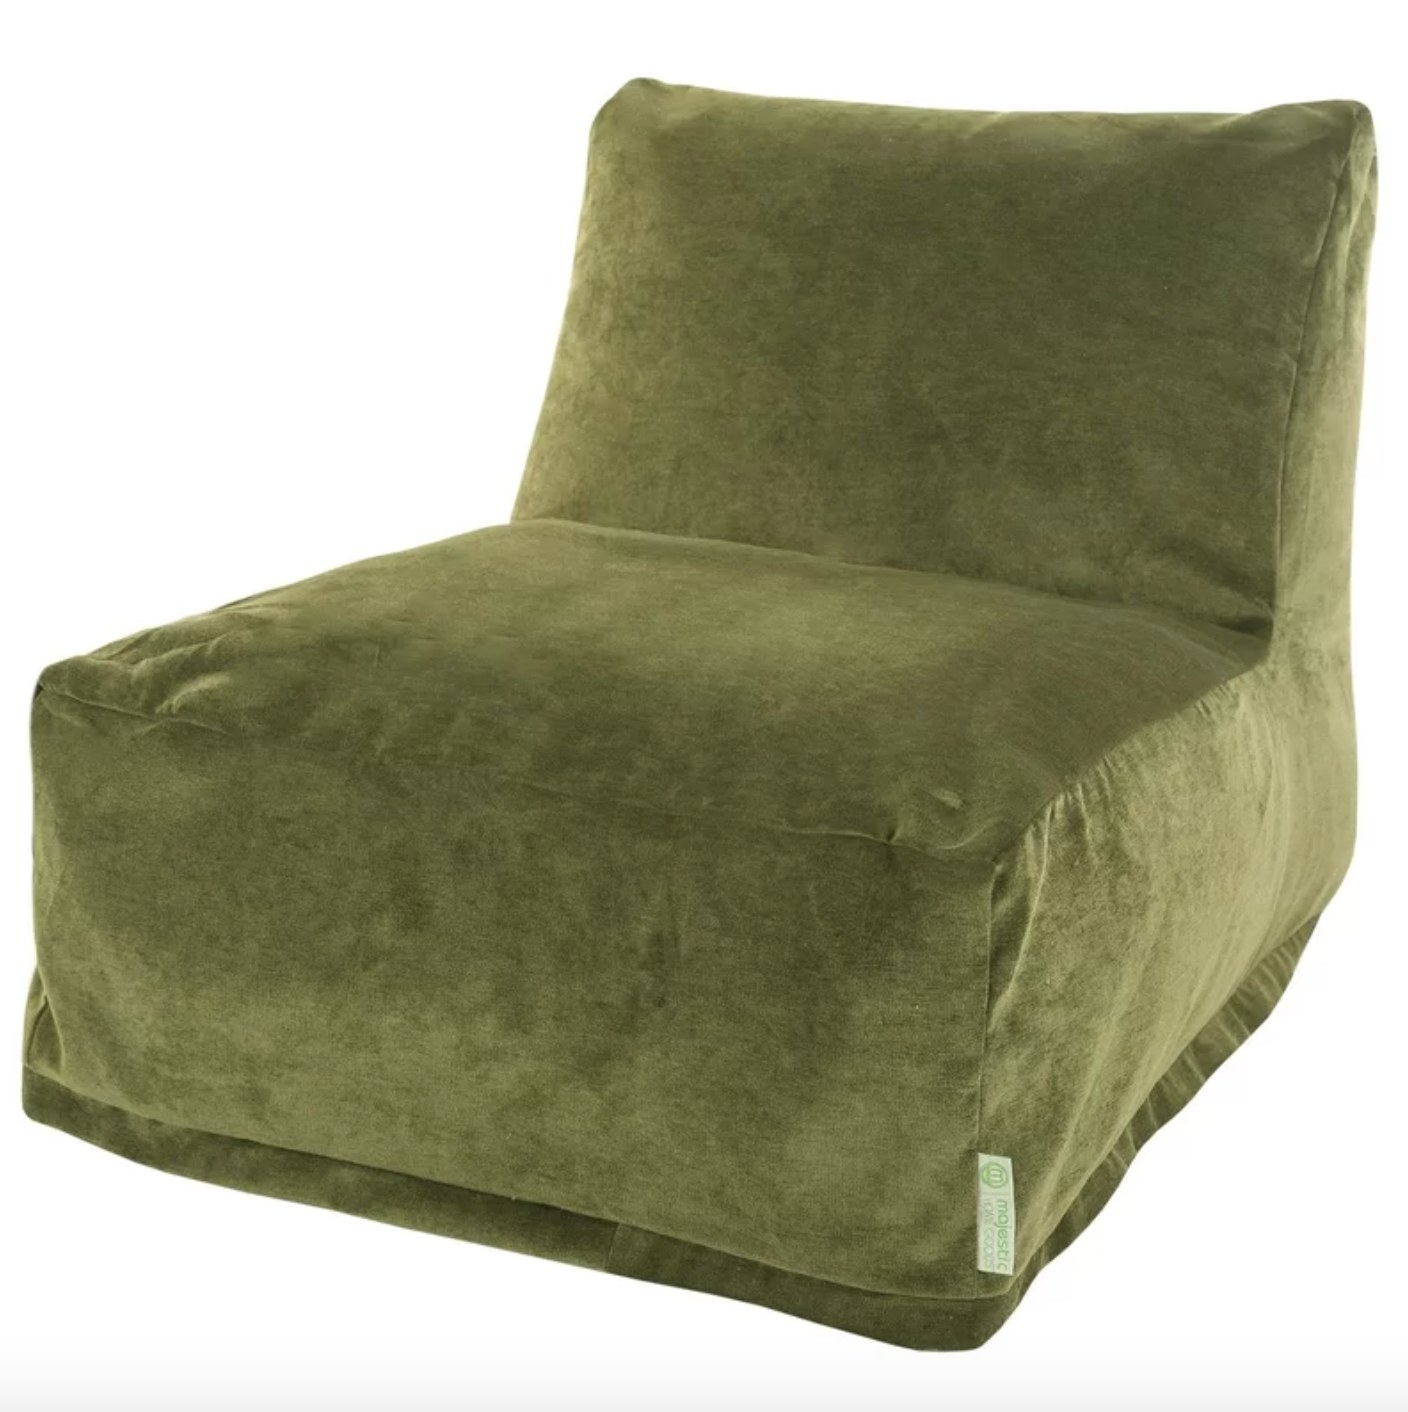 The standard bean bag chair in fern